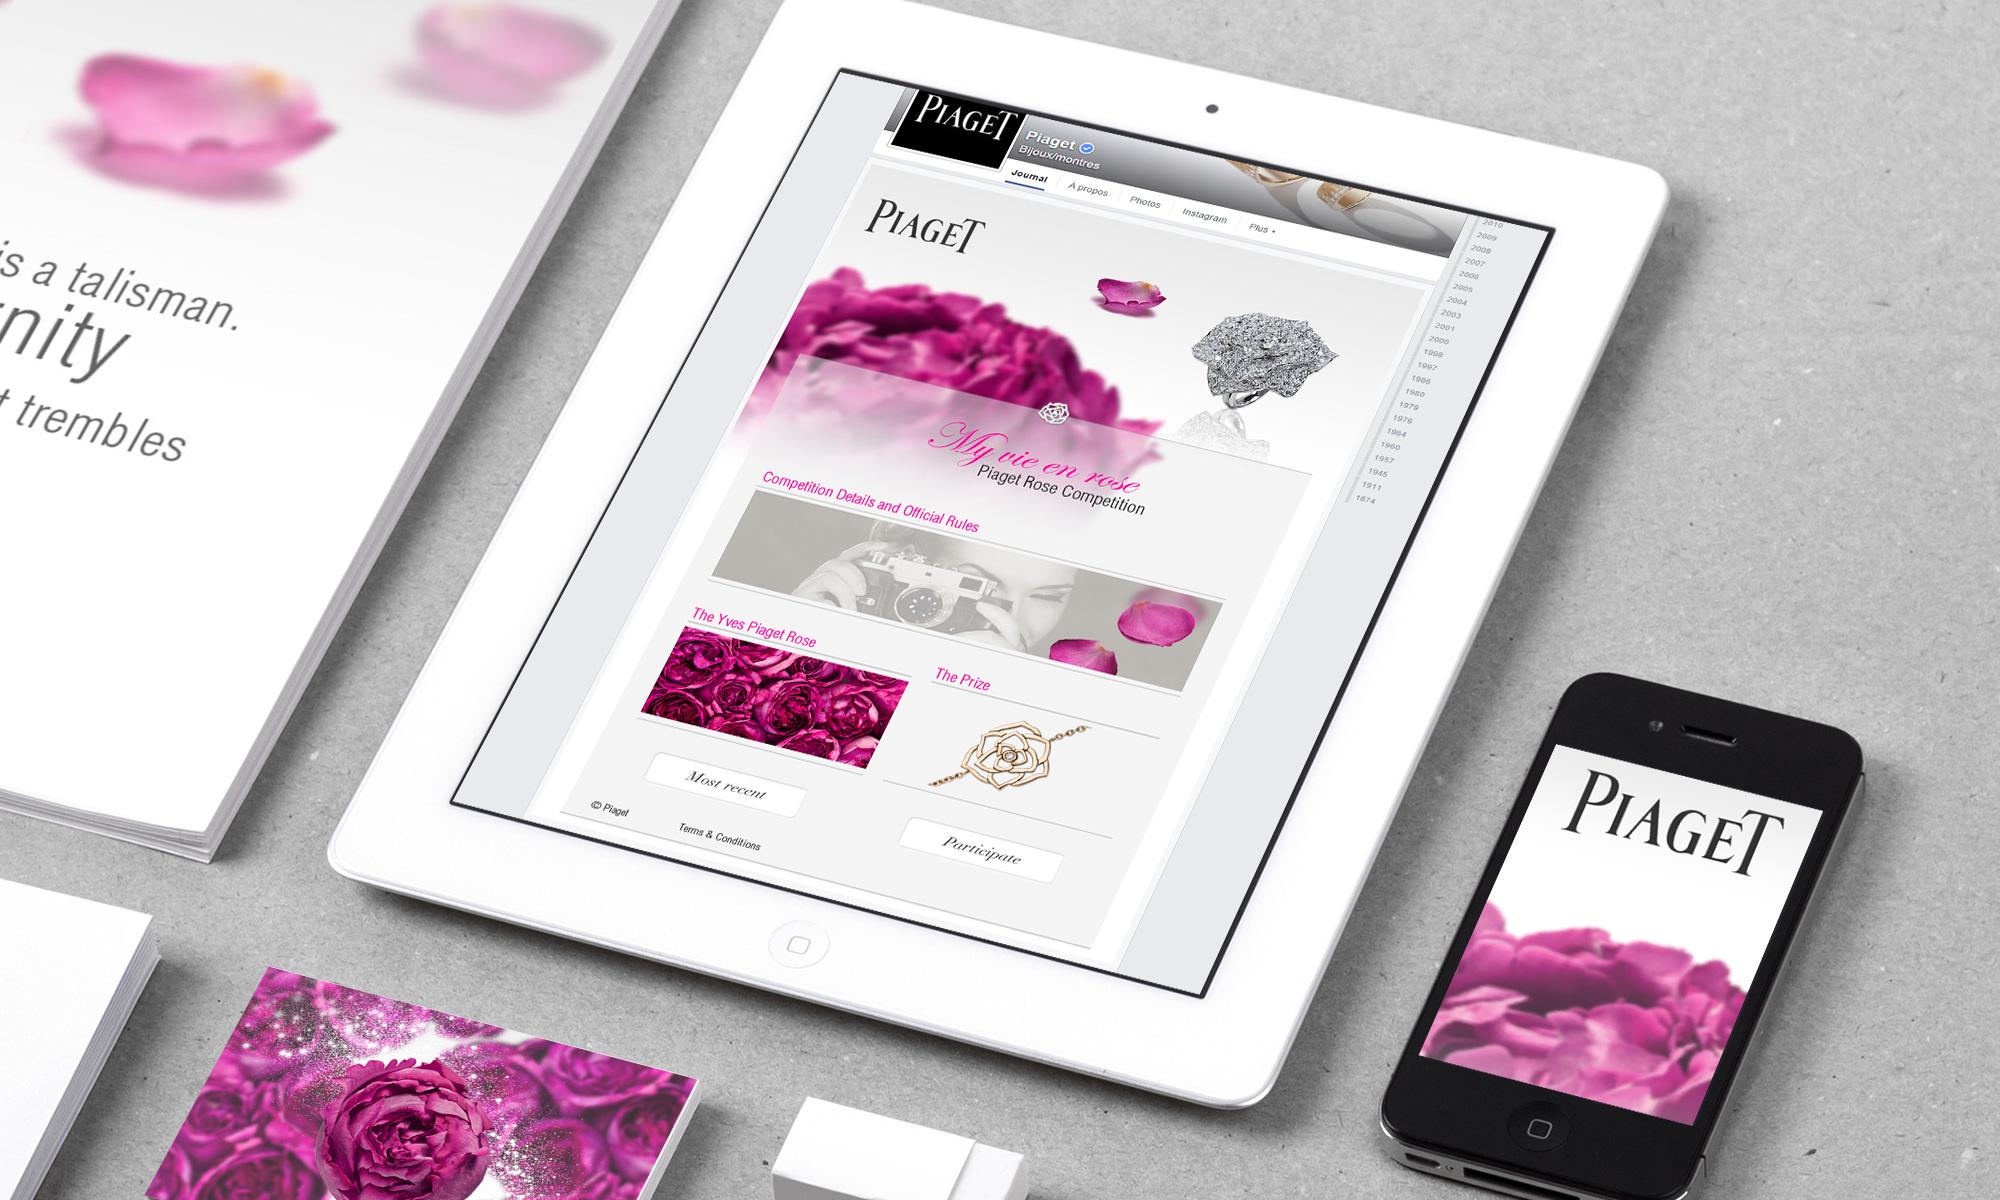 Signature de Luxe - Social networks - Piaget